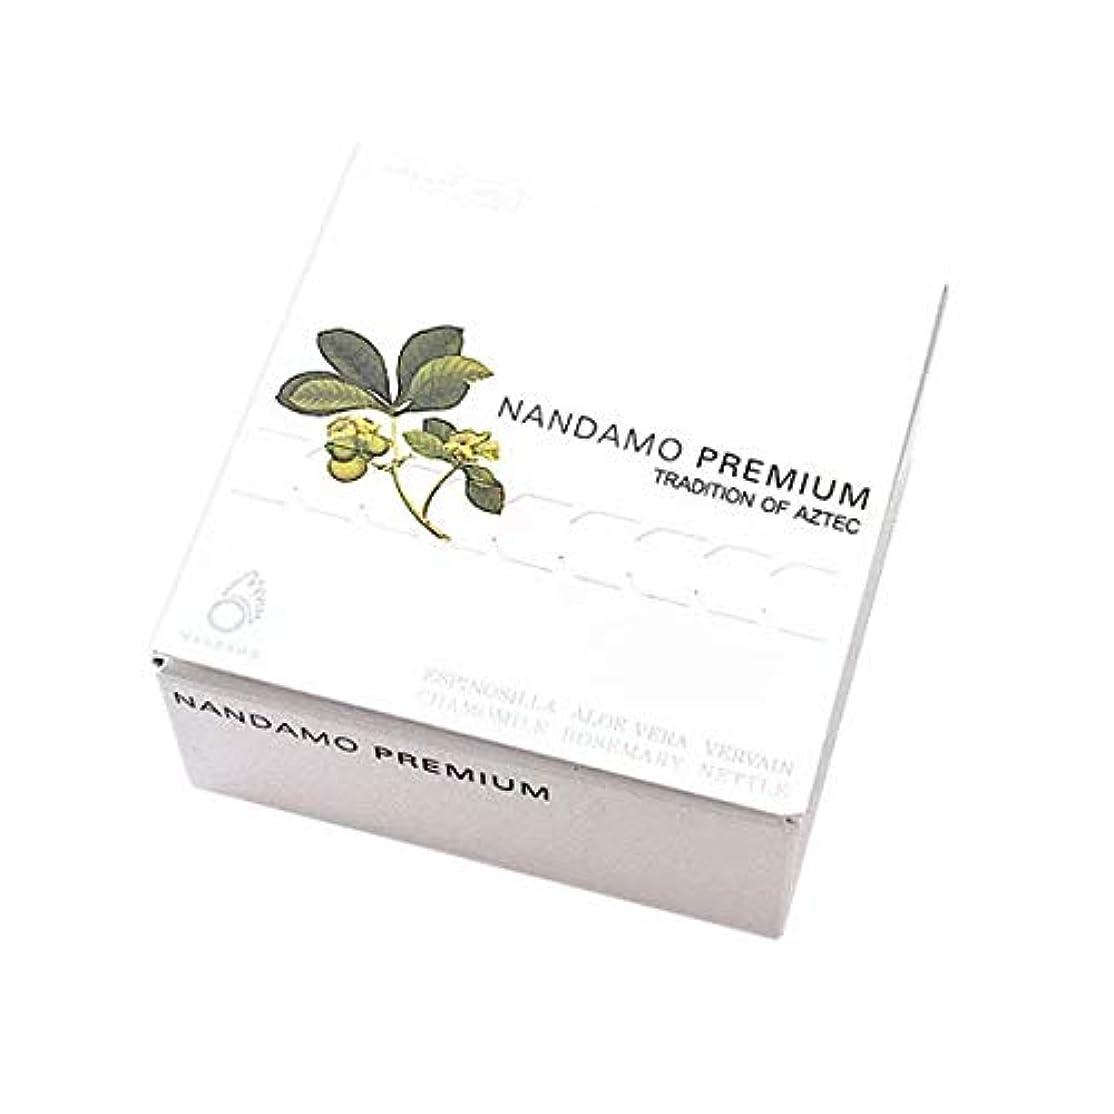 モネダーツ航空機NANDAMO PREMIUM ナンダモプレミアム 天然ハーブ100%石鹸 お得セット 6箱セット + 1箱プレゼント